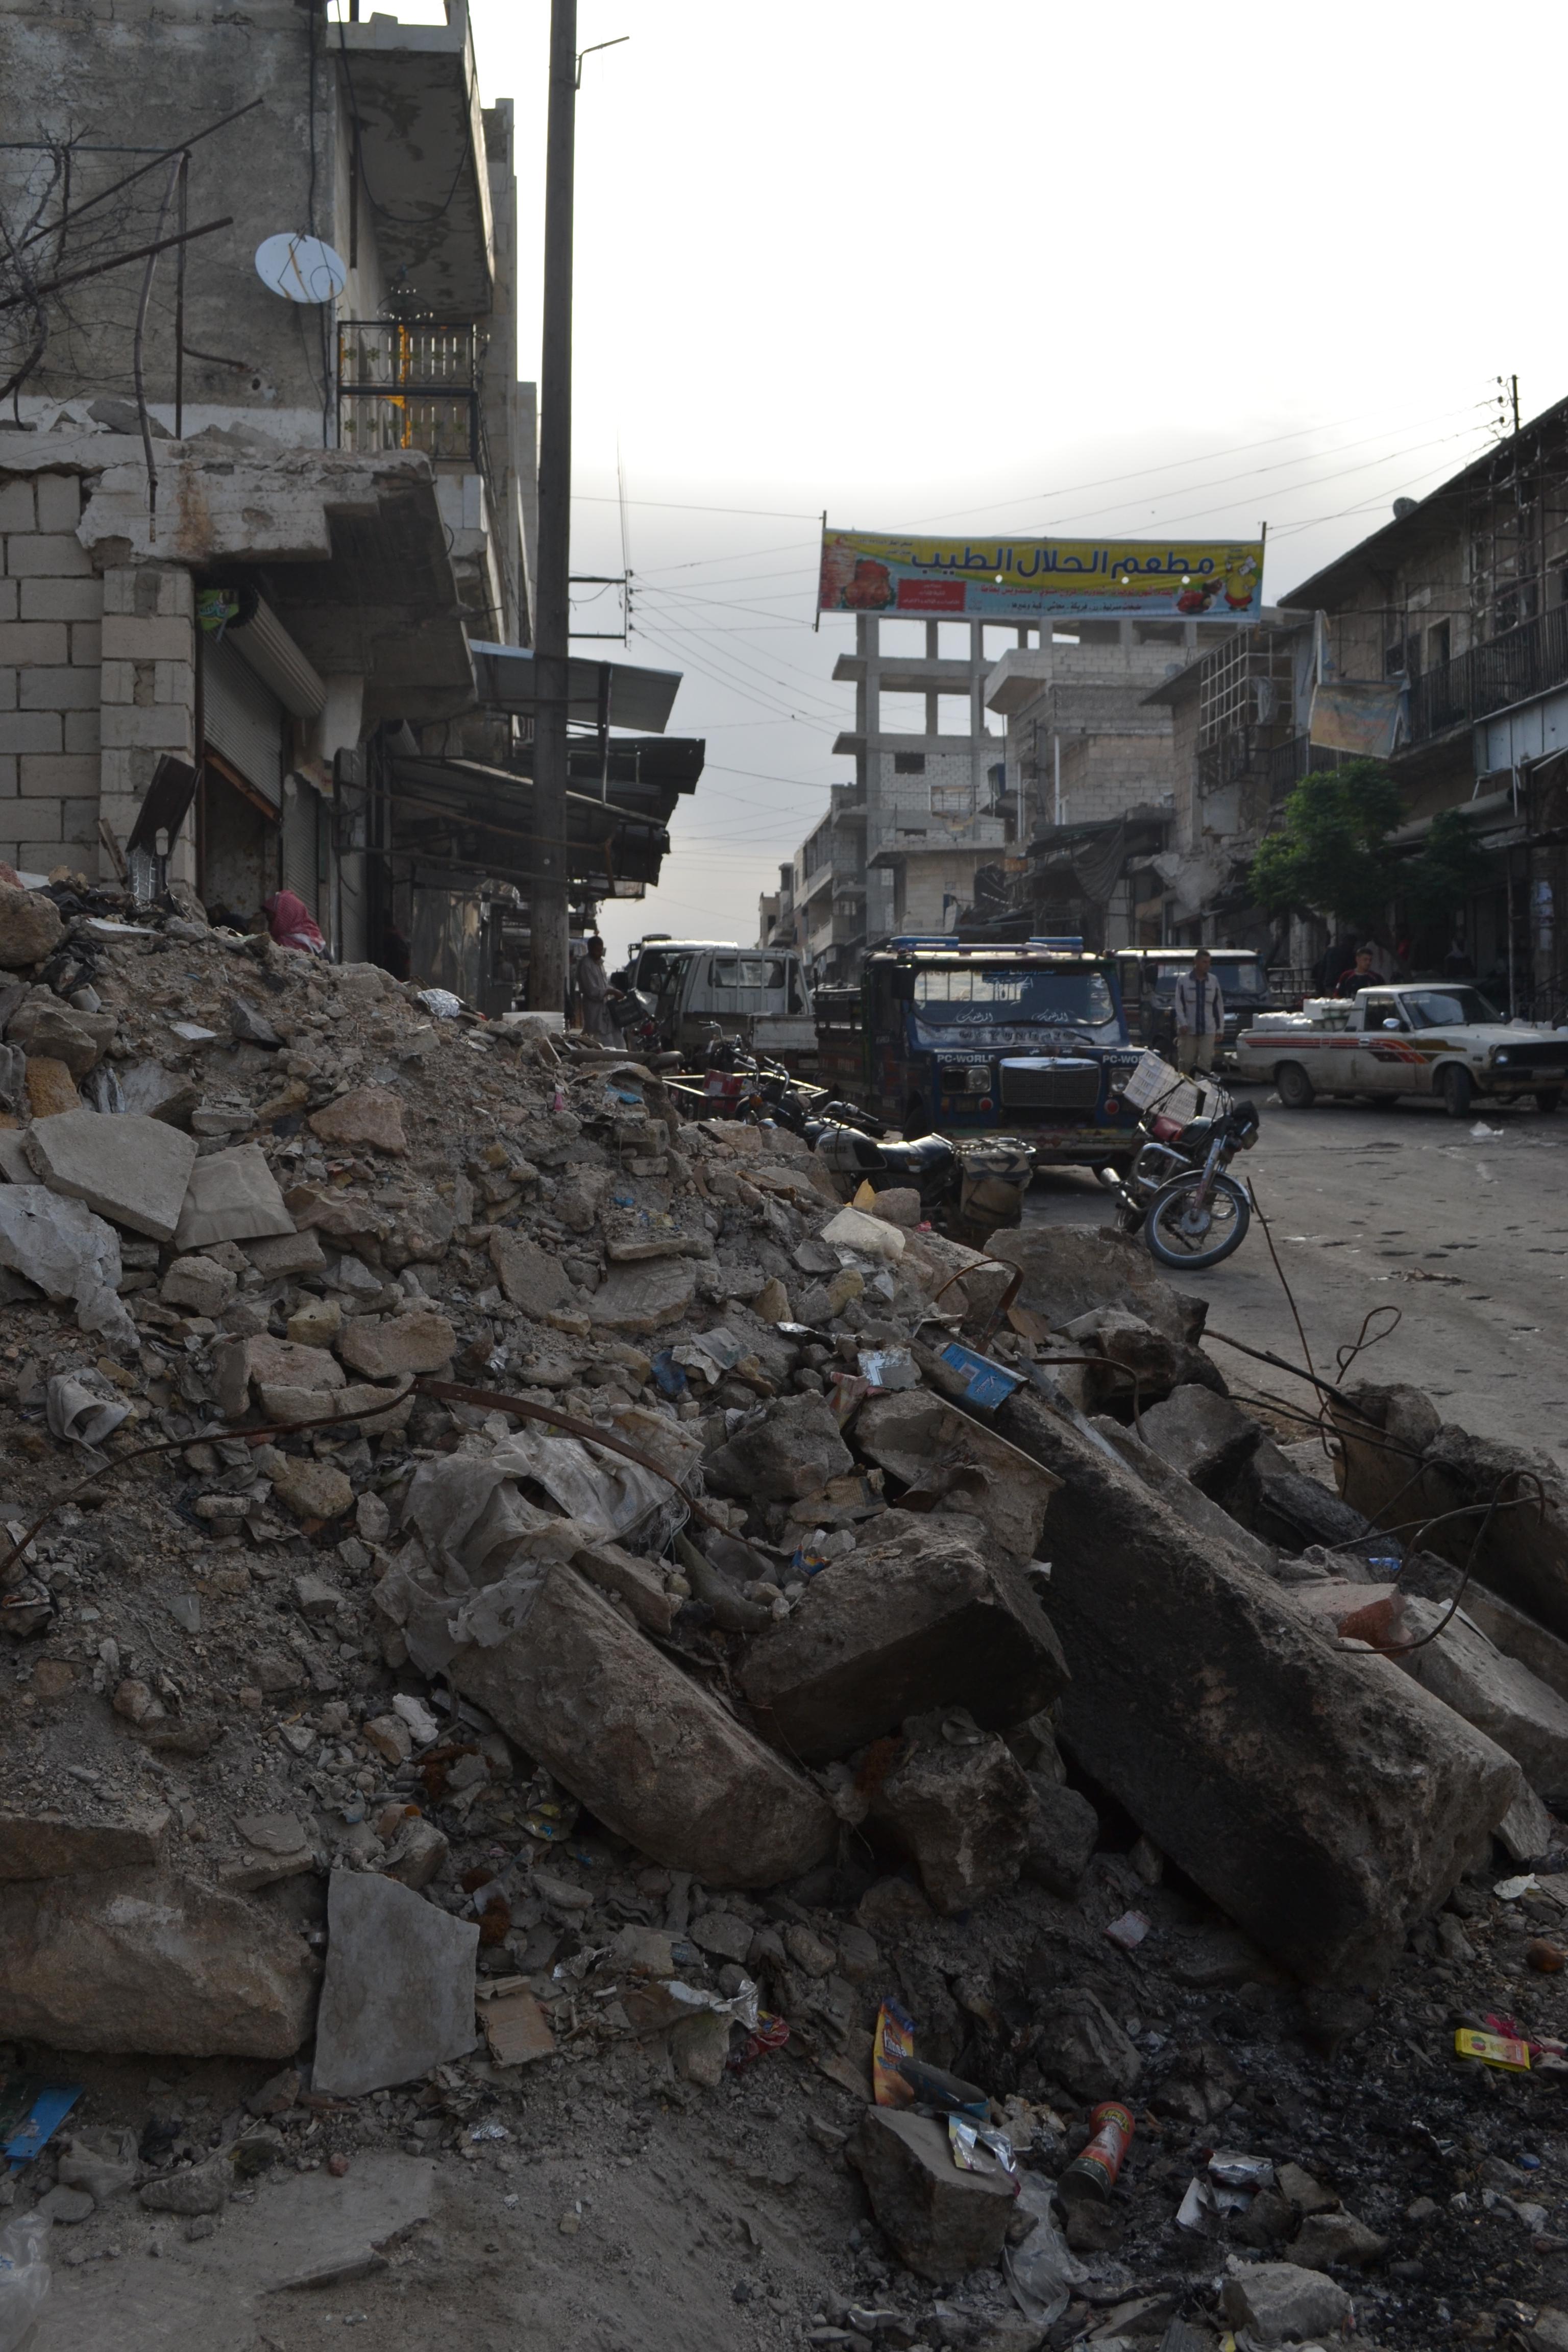 مخلفات القصف وأكوام القمامة: أزمات جديدة تعاني منها المناطق المحرّرة – فريق التحرير